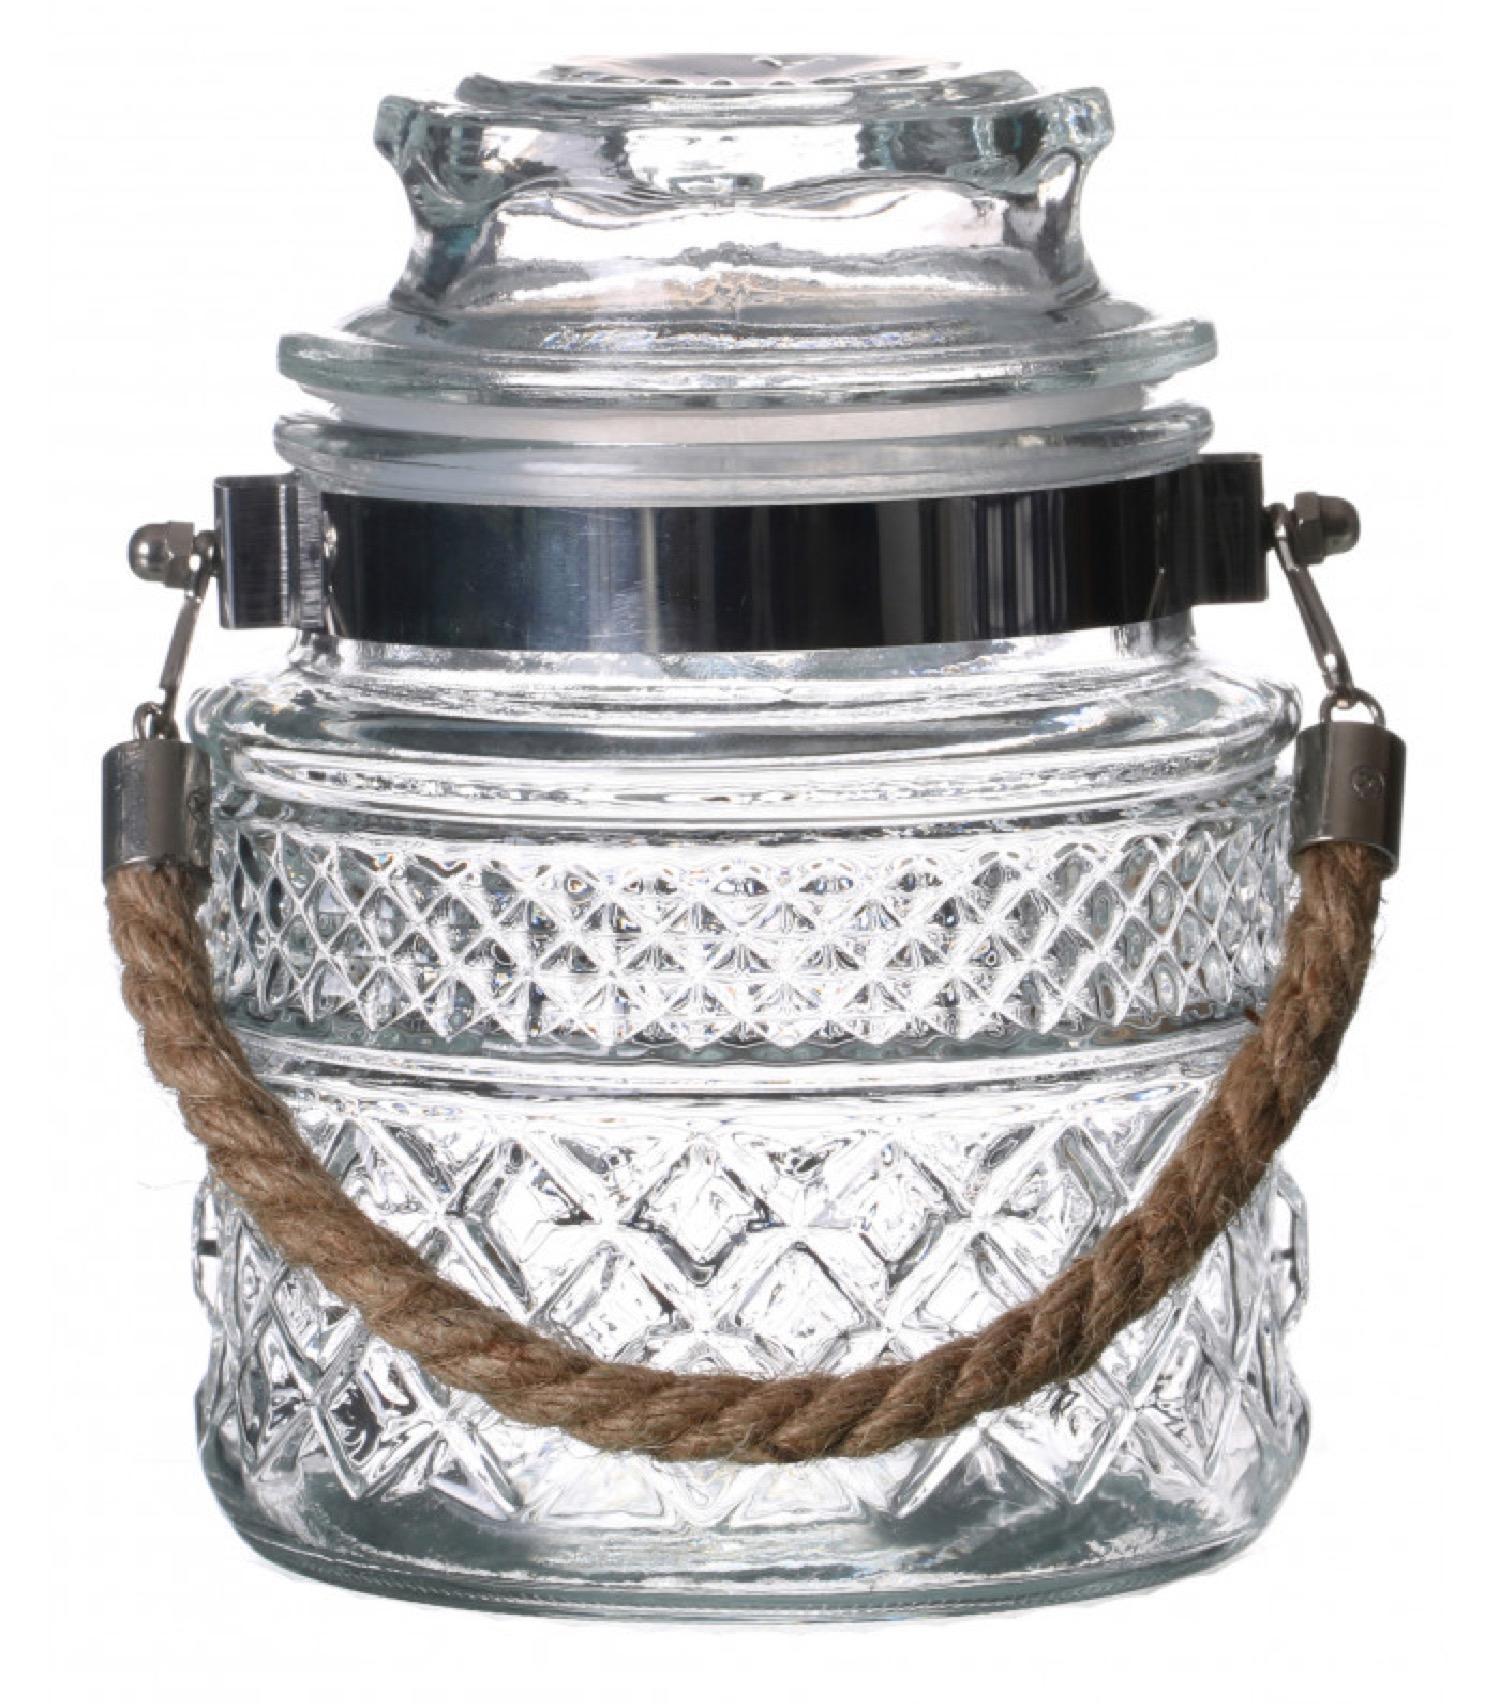 Bocal cuisine hermétique en verre avec anse en jute 1000ml